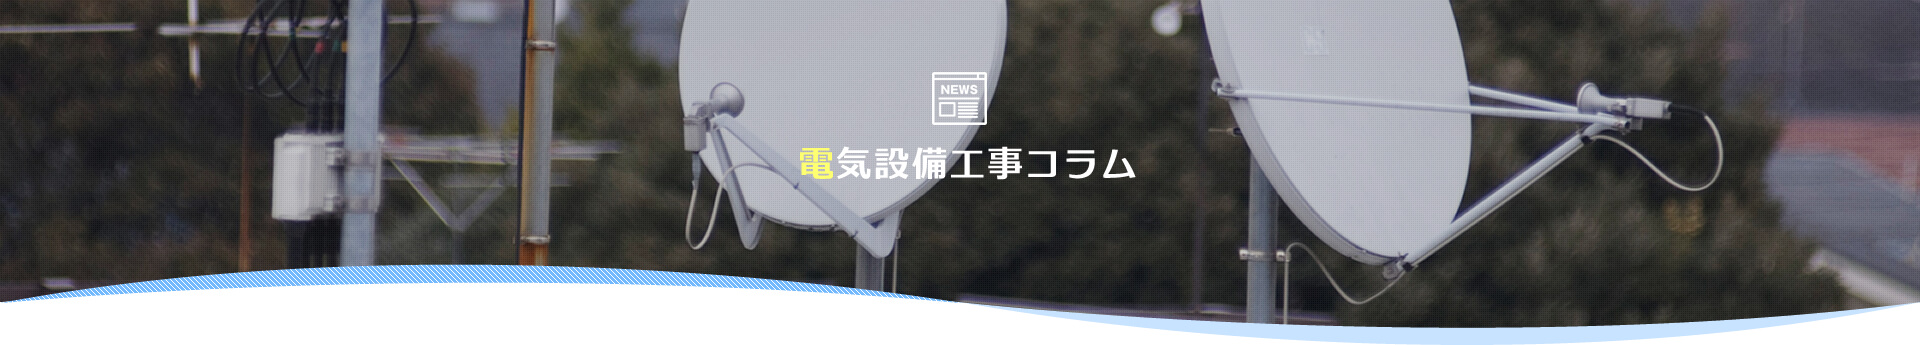 会社概要 | エアコンアシスト福岡